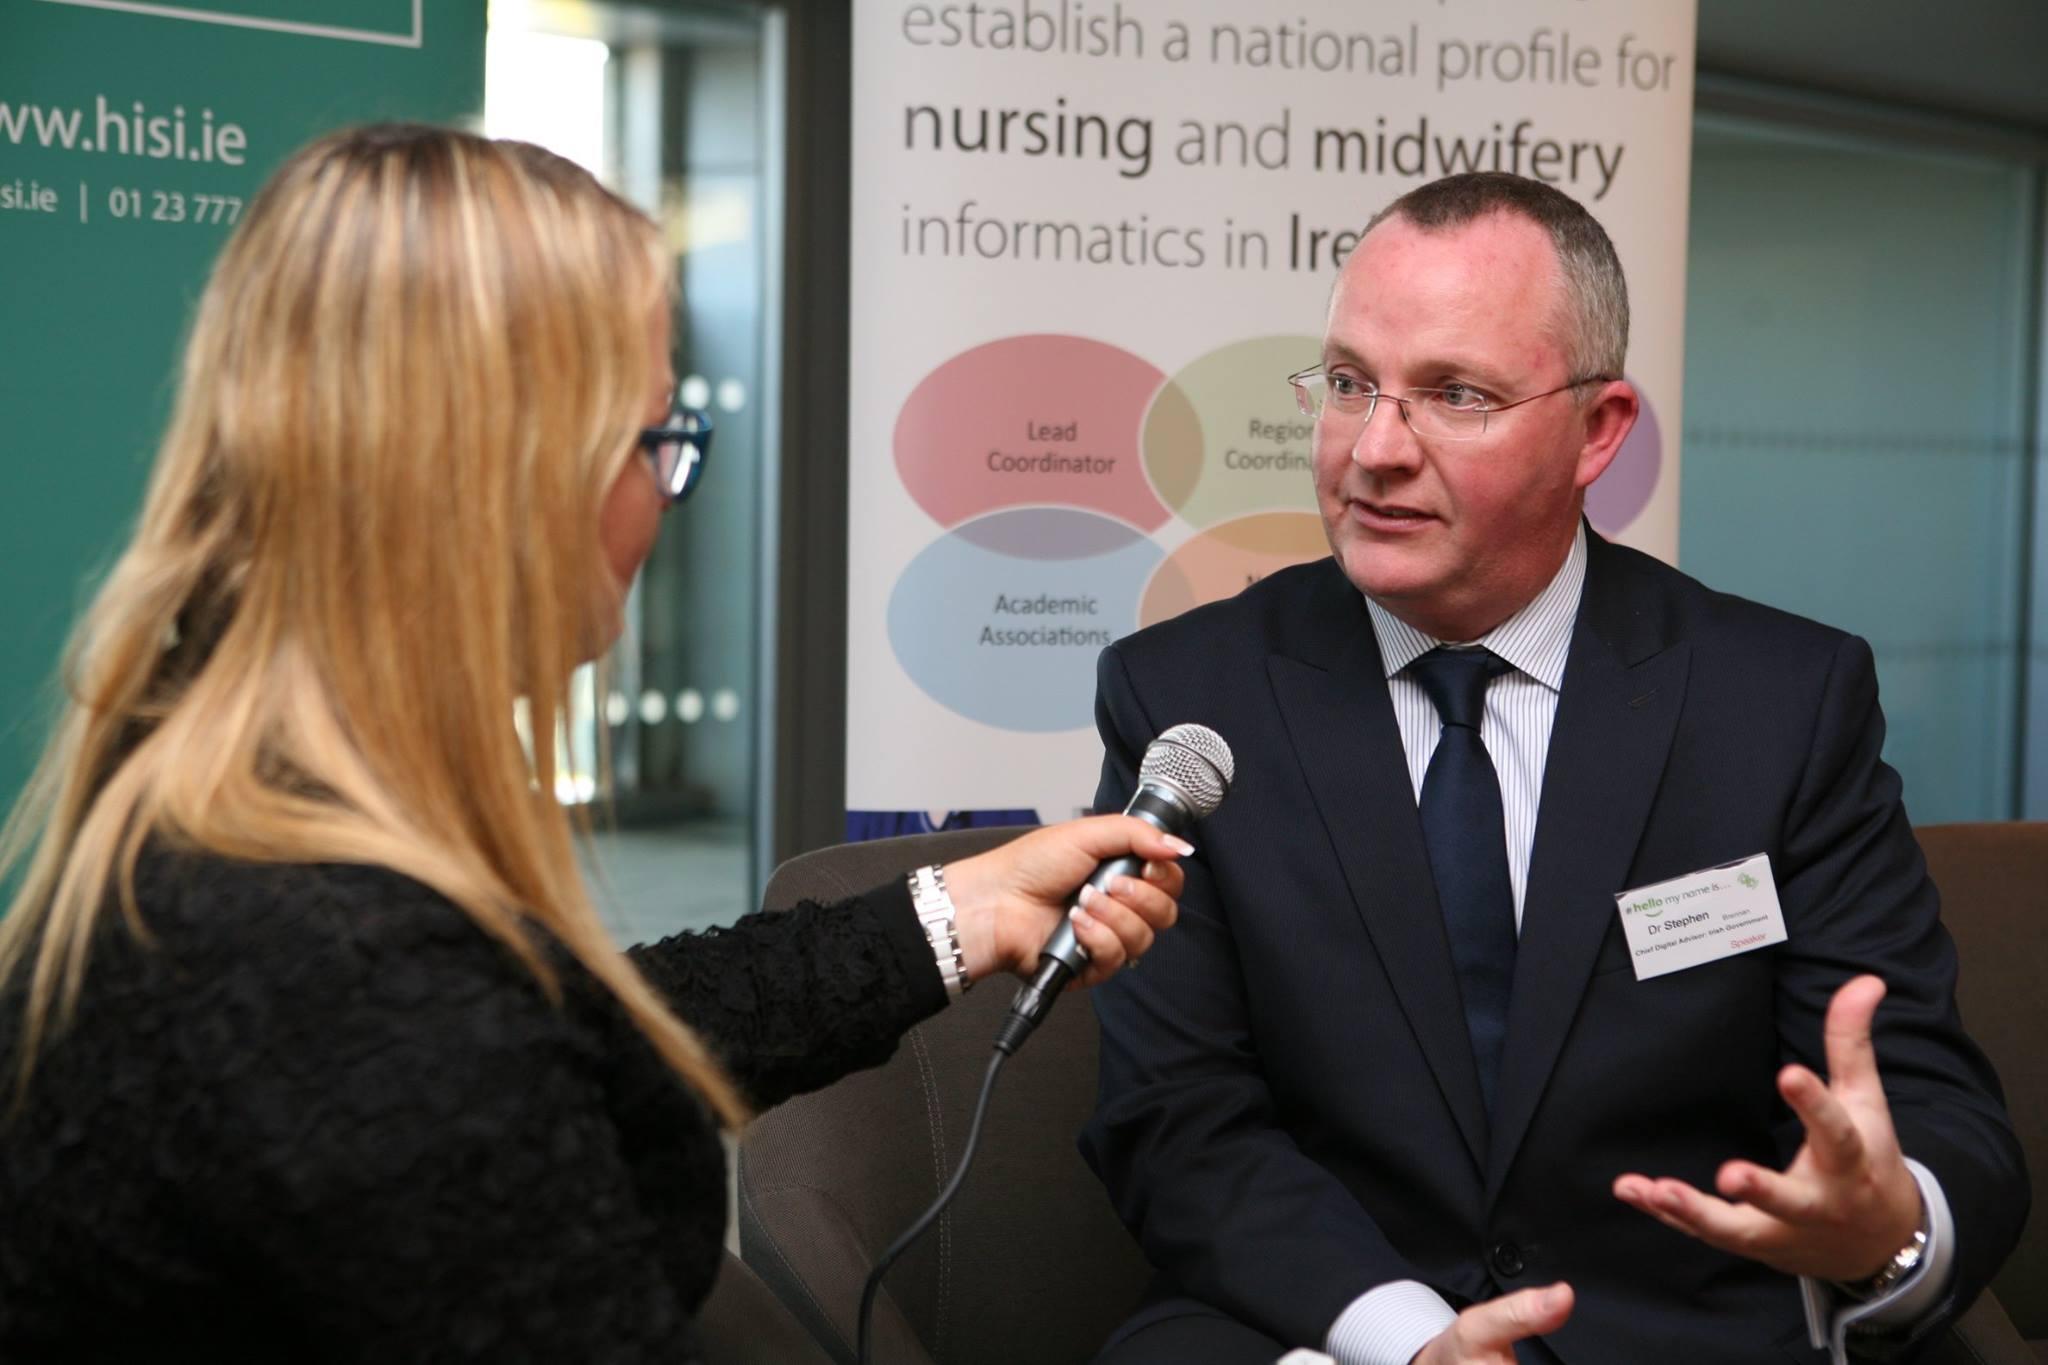 Joanne Sweeney Burke interviews Stephen Brennan